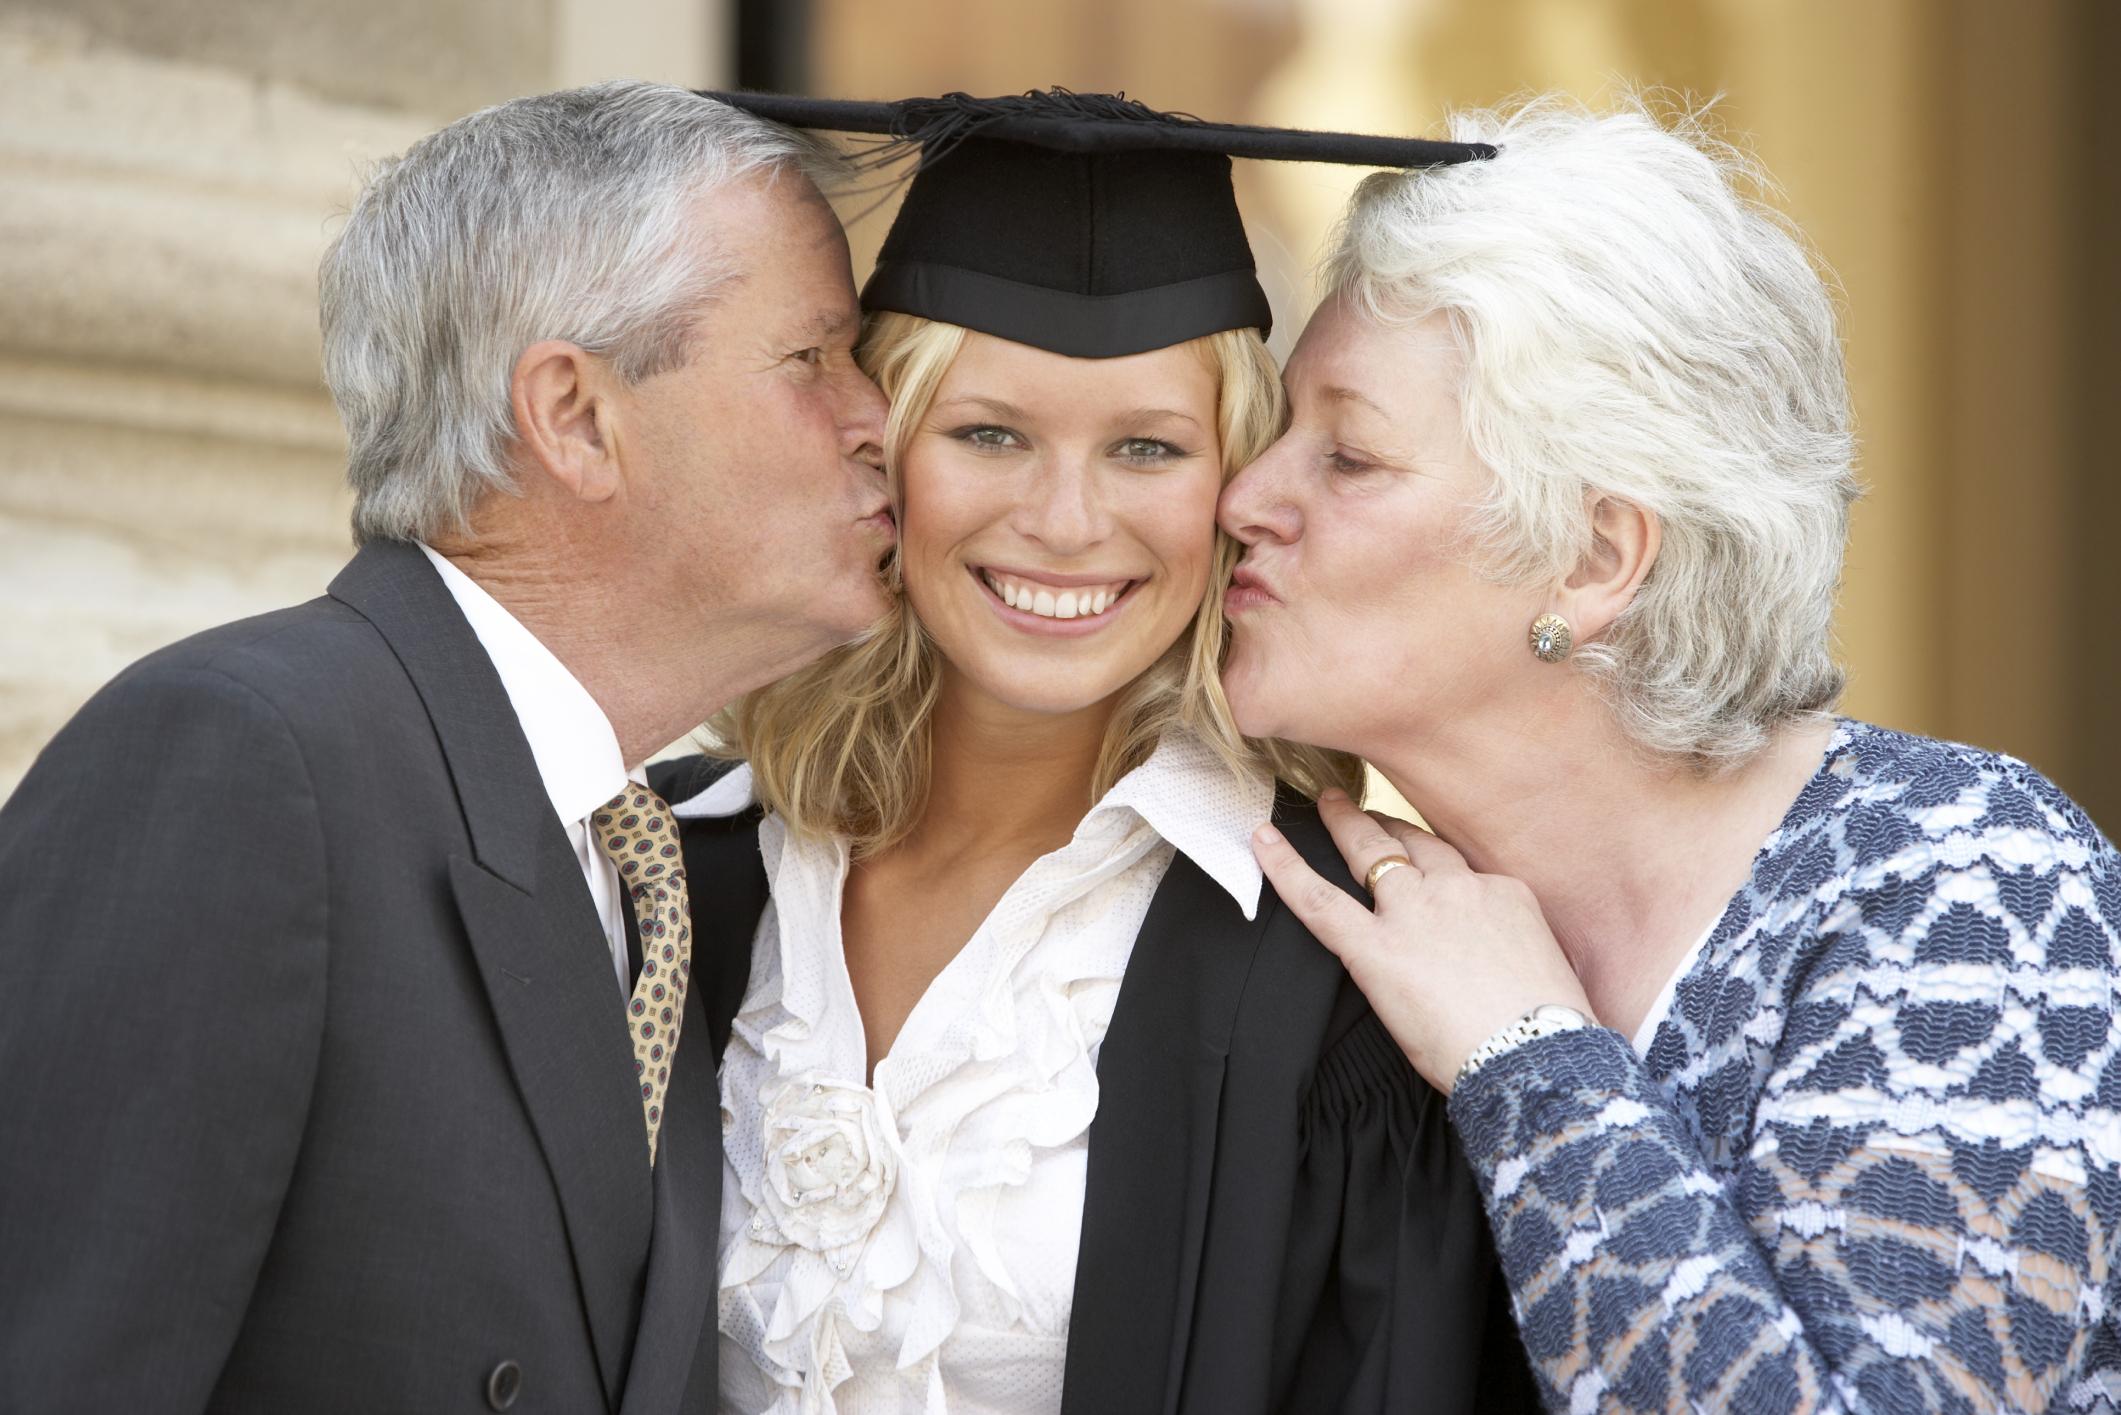 d3f282c0f ¿Cómo debe ser el vestido de la madre para una graduación